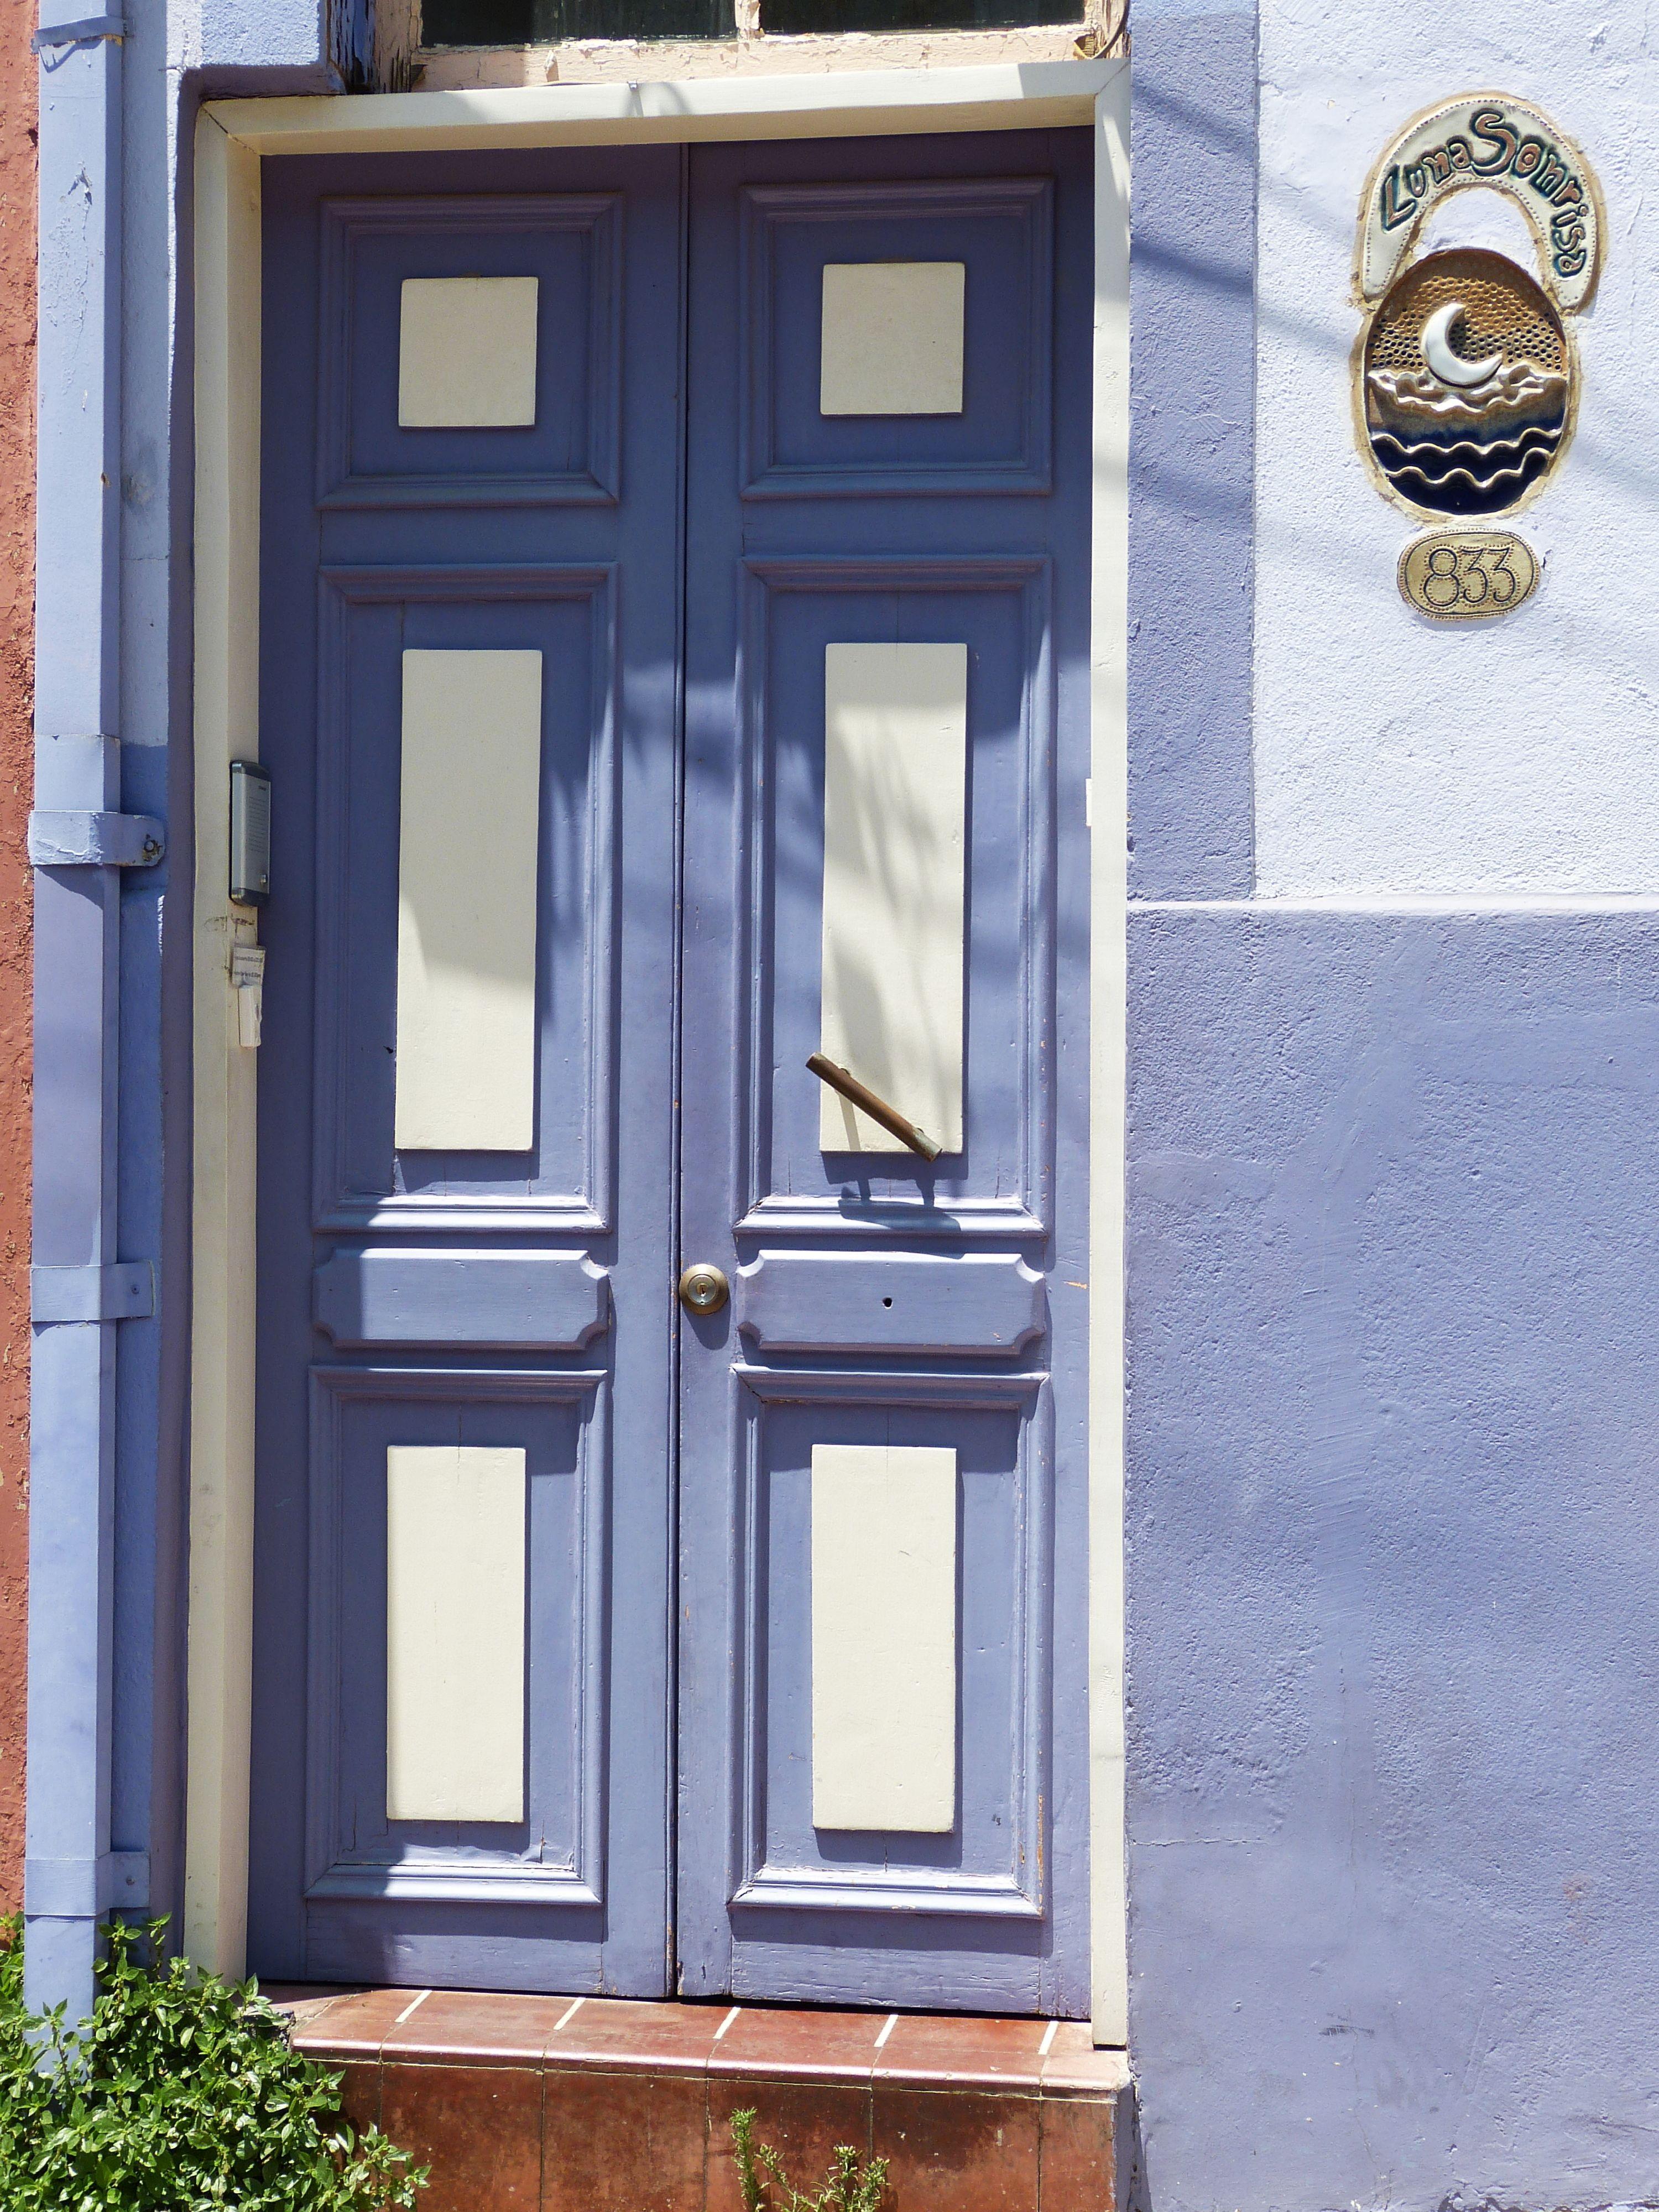 Favori Images Gratuites : bois, fenêtre, façade, bleu, objectif, Chili  HV28